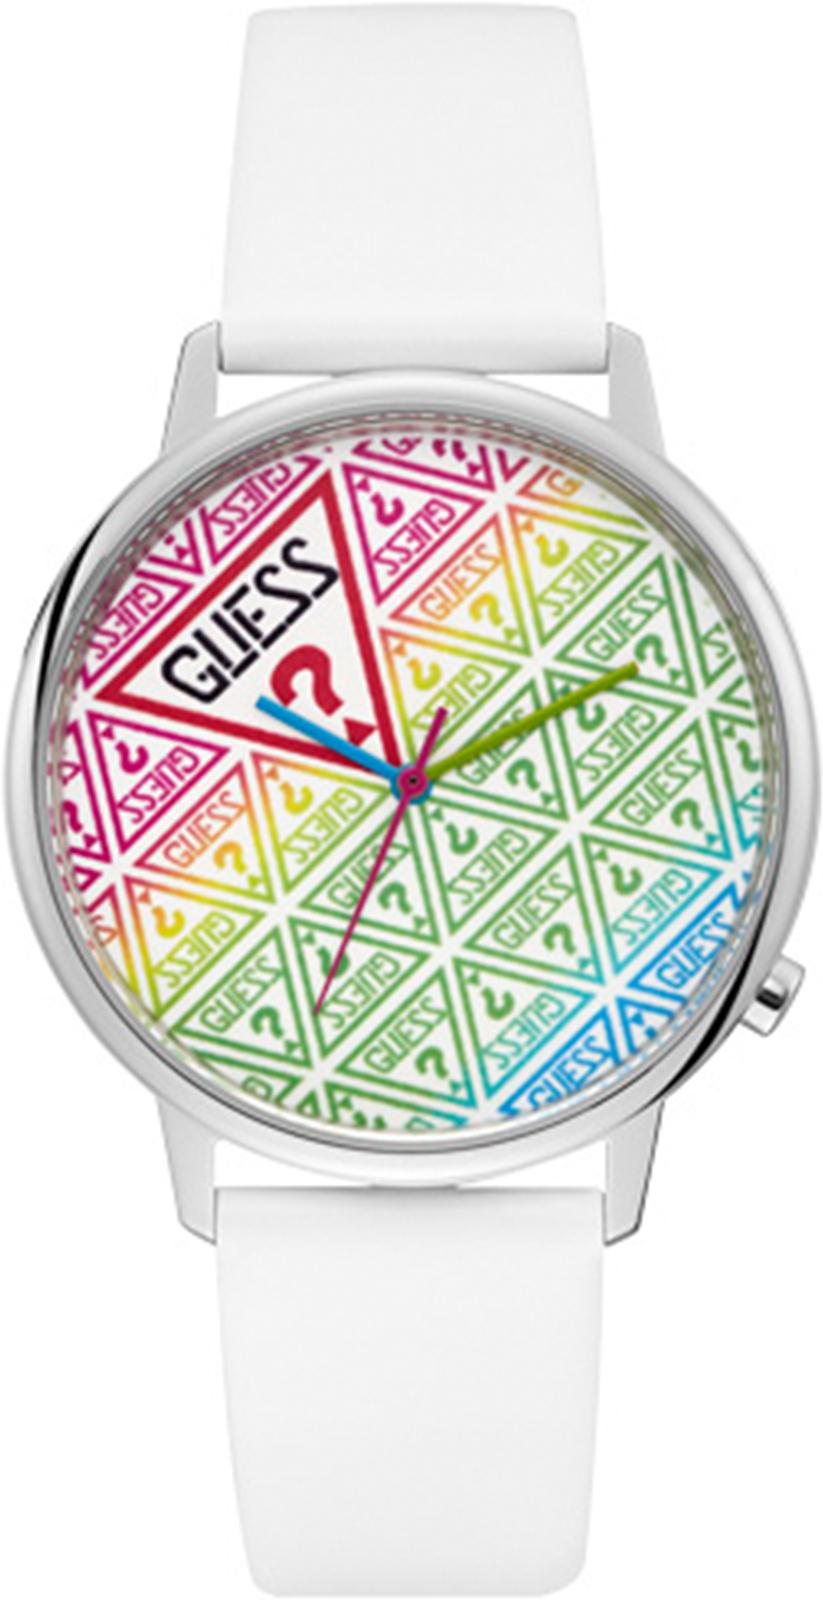 Наручные часы Guess Originals Hollywood + Highland цена